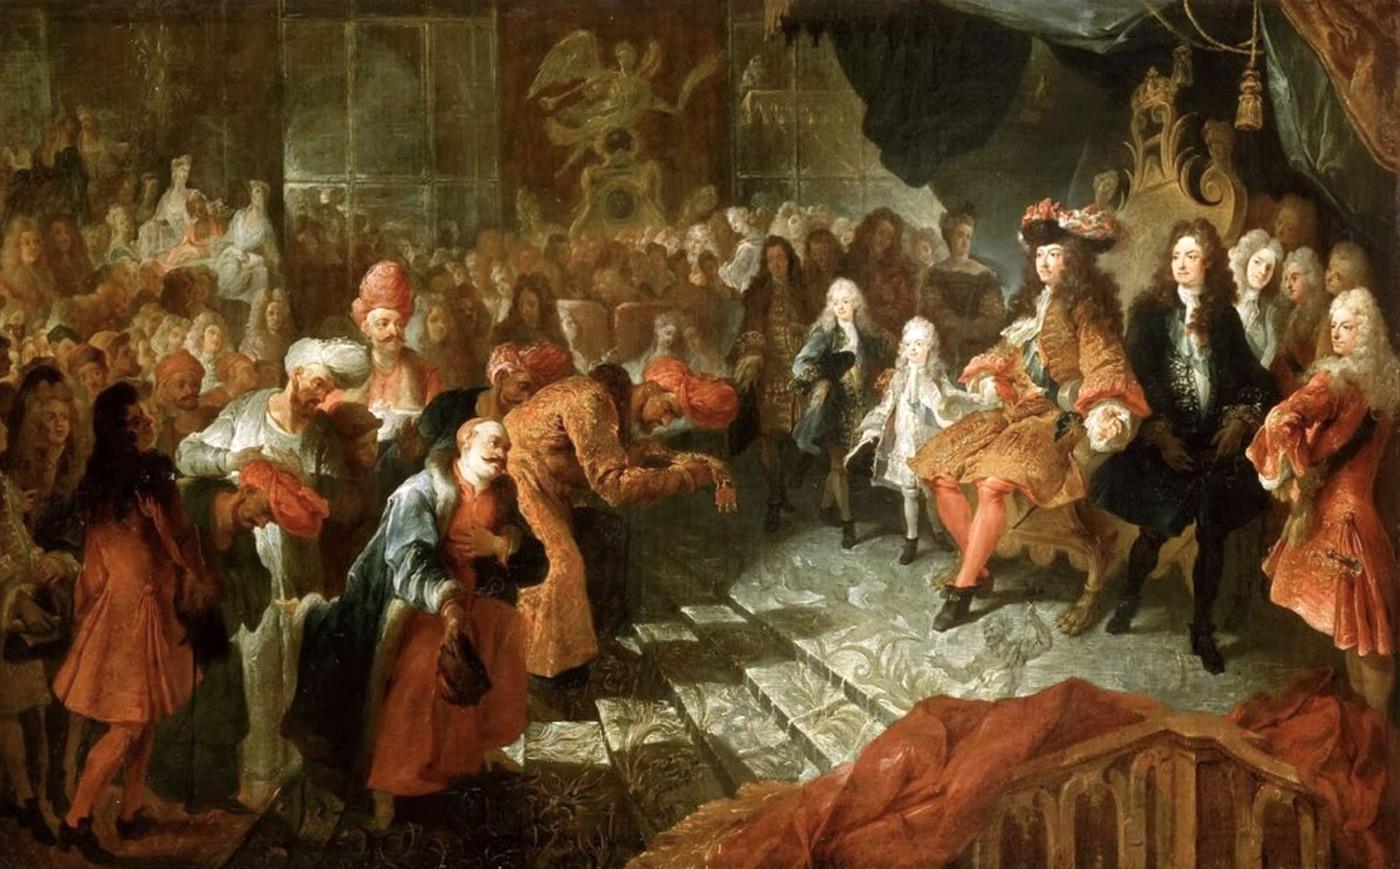 Charles Antoine Coypel. Luis XIV recibiendo al embajador persa Reza Beg en la galeria de los espejos de Versalles. 1715. Palacio de Versalles. Versalles.